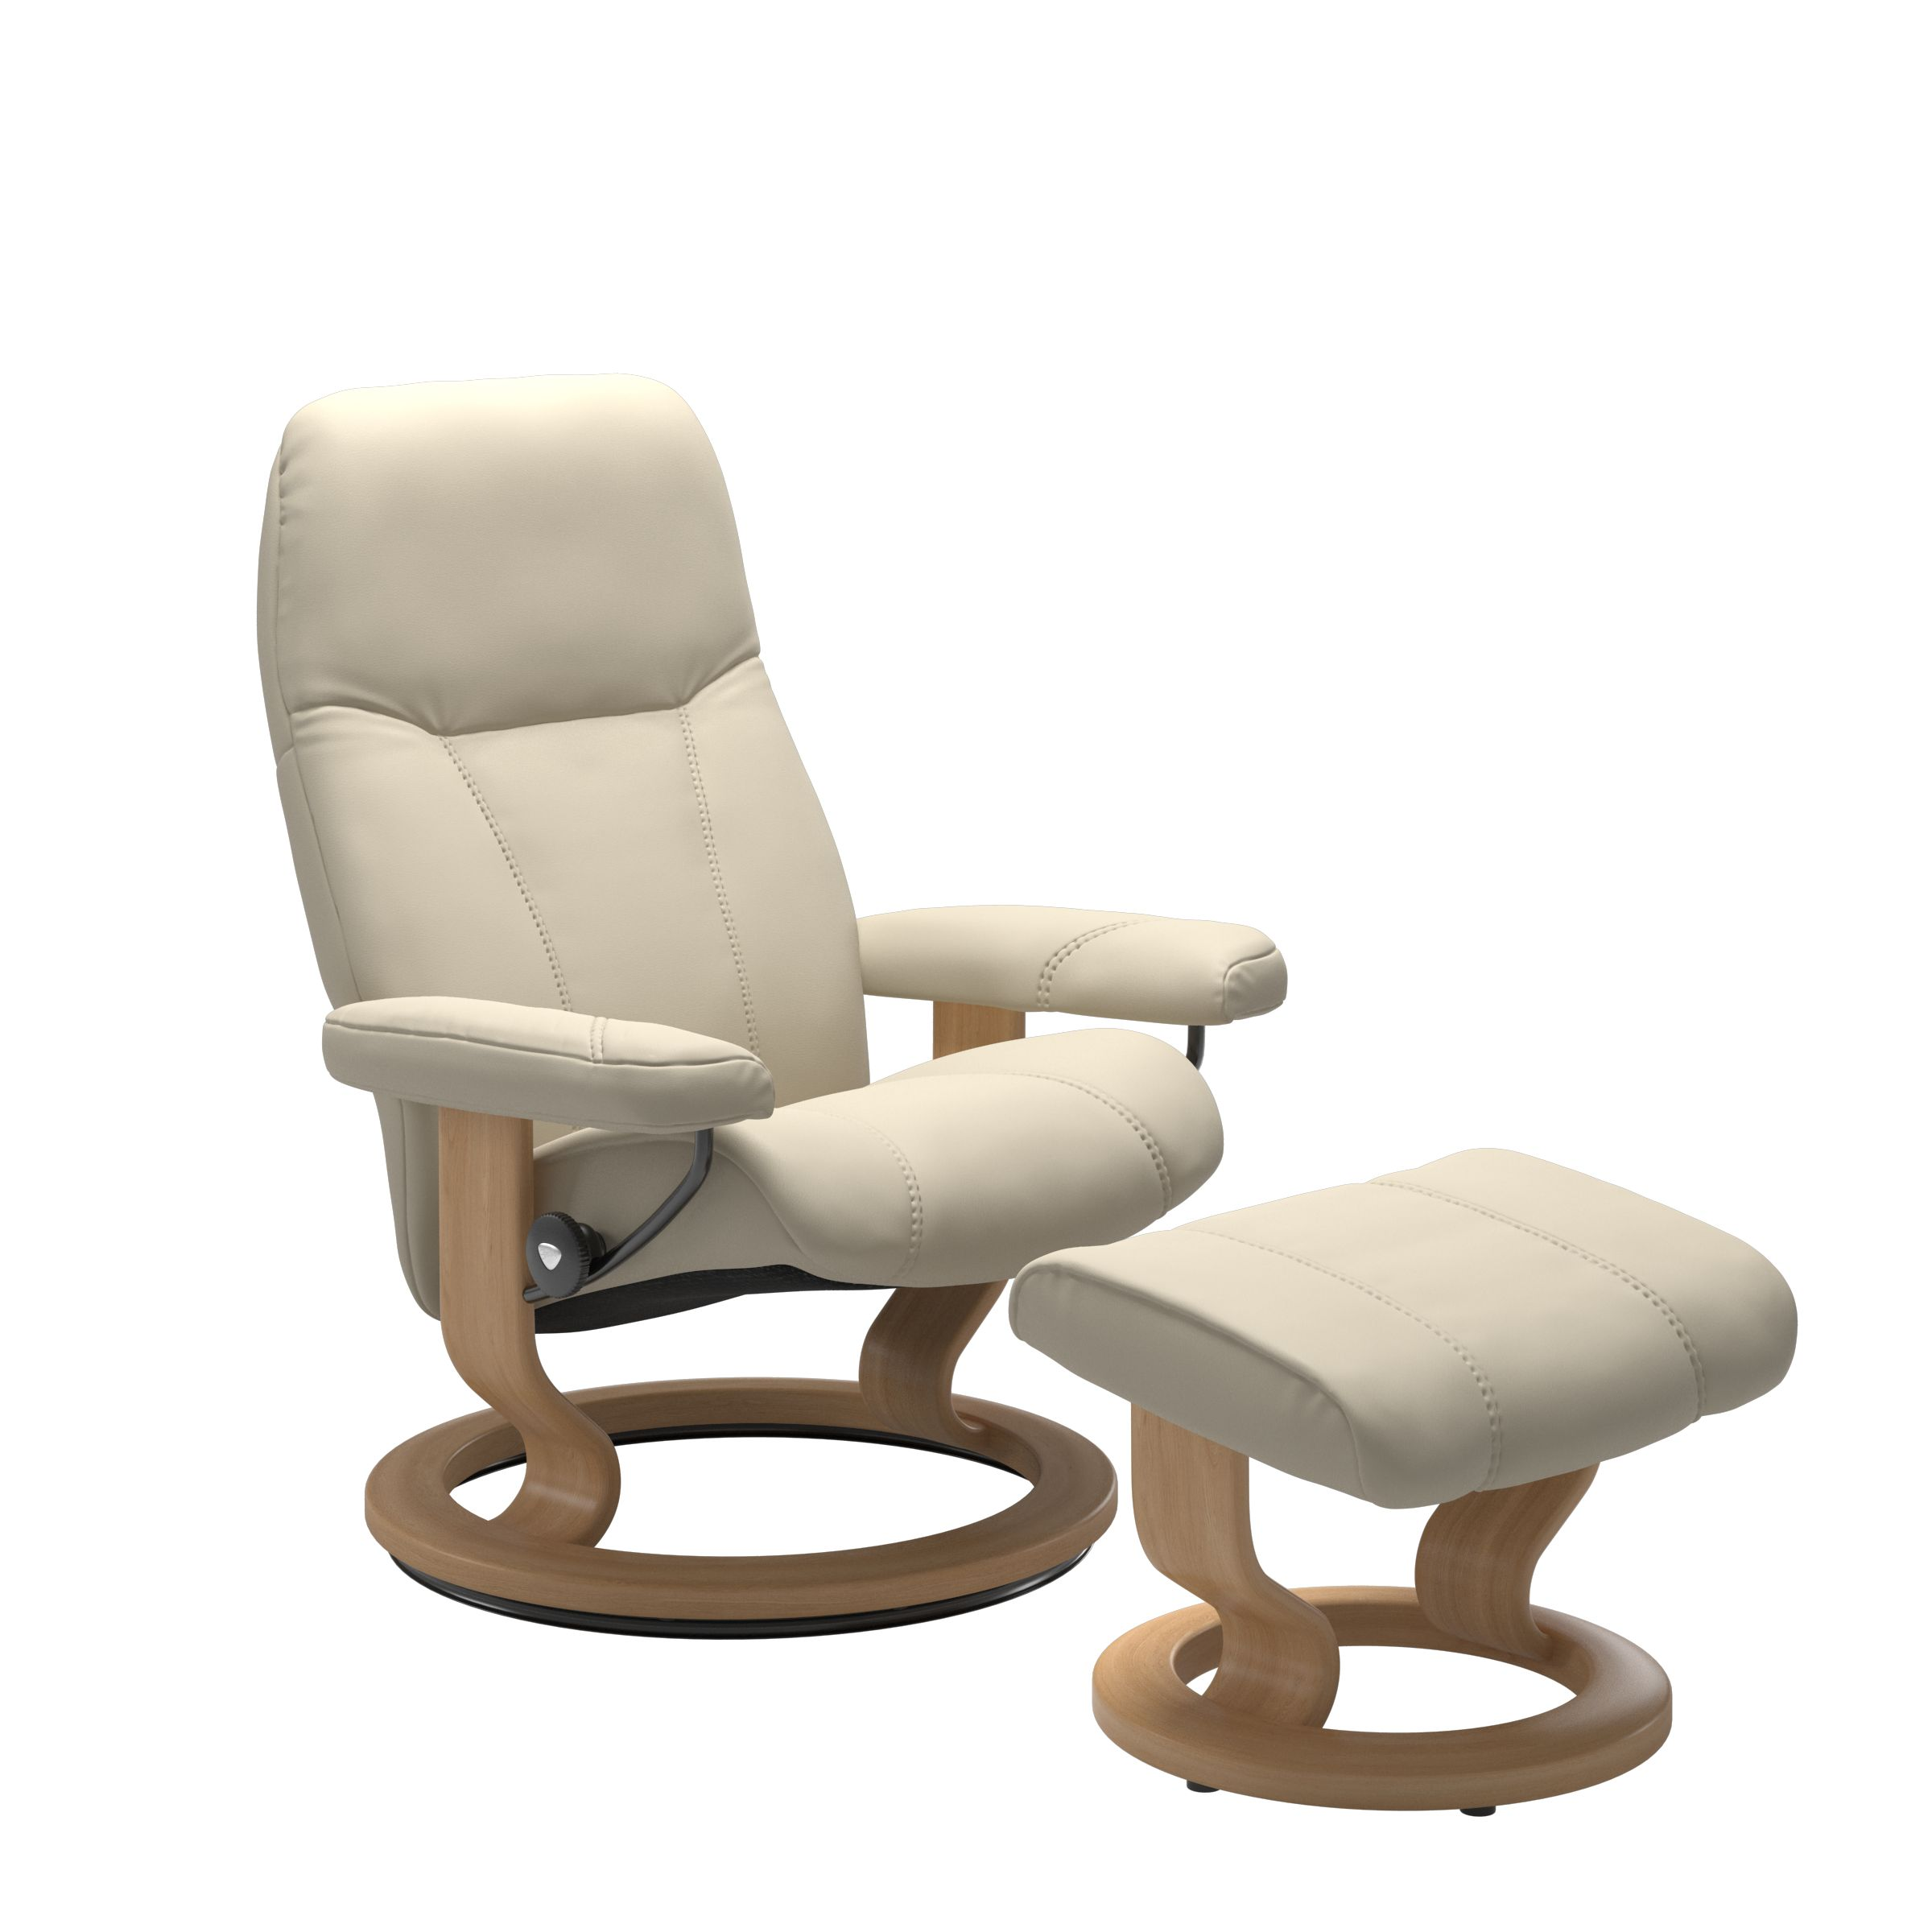 Stressless Consul Cream Medium Recliner Chair